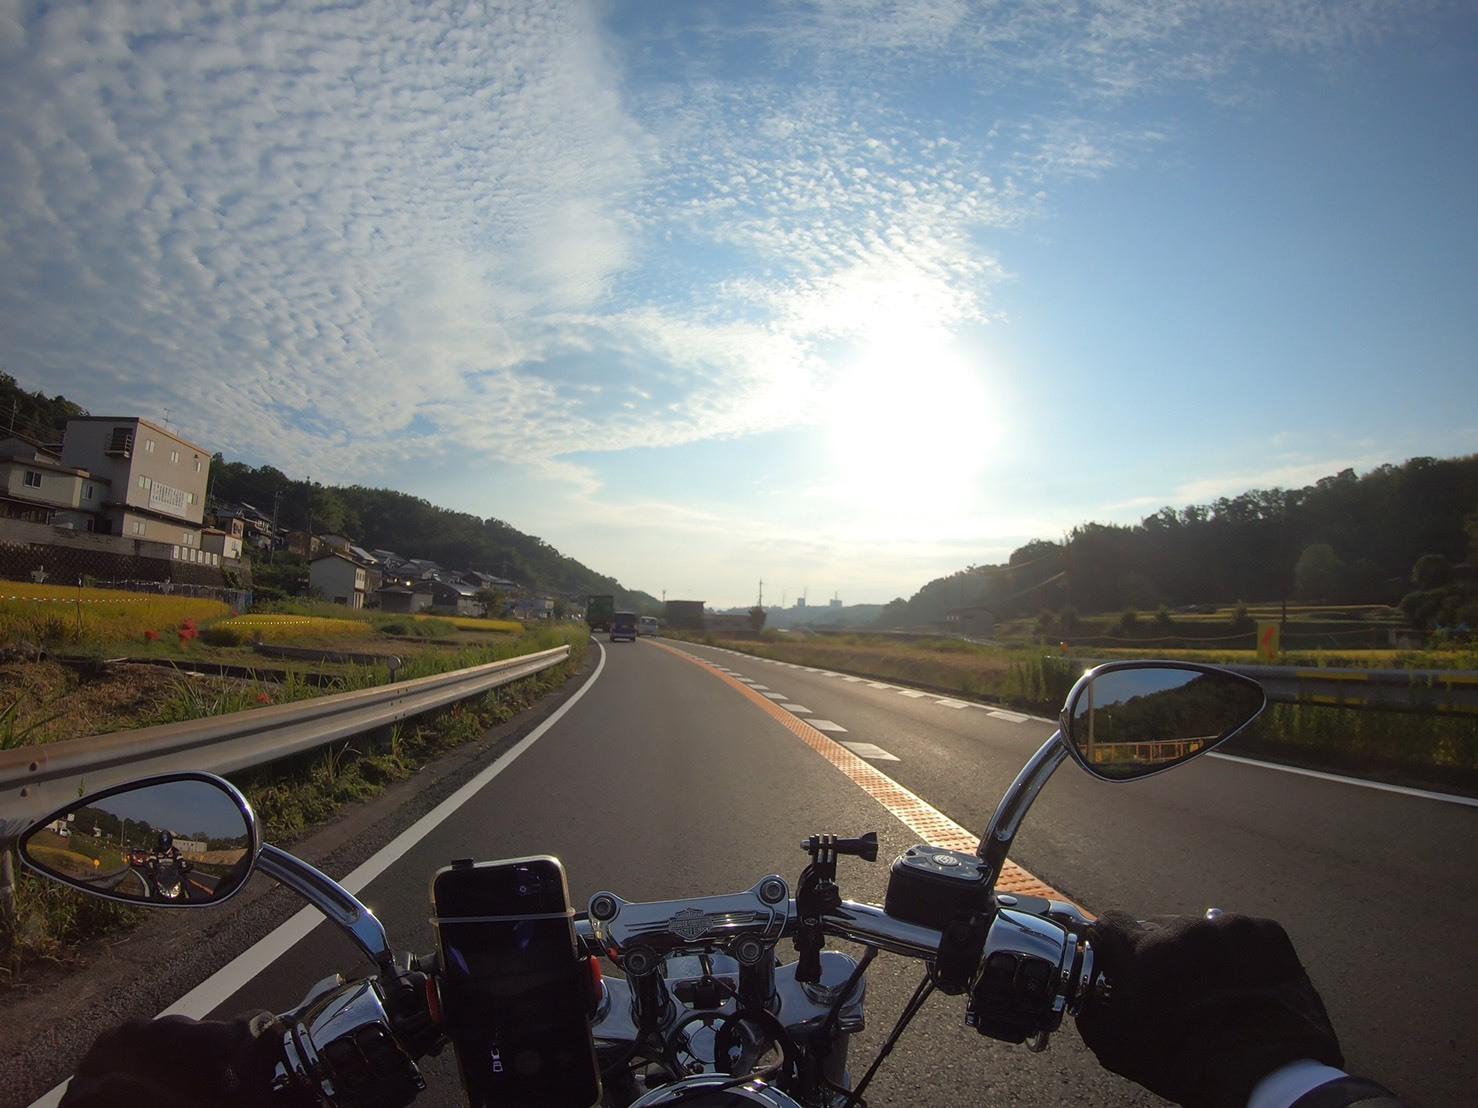 ぴーきちハーレーブログ 青山高原、月ケ瀬キャンプツーリング 国道163号線